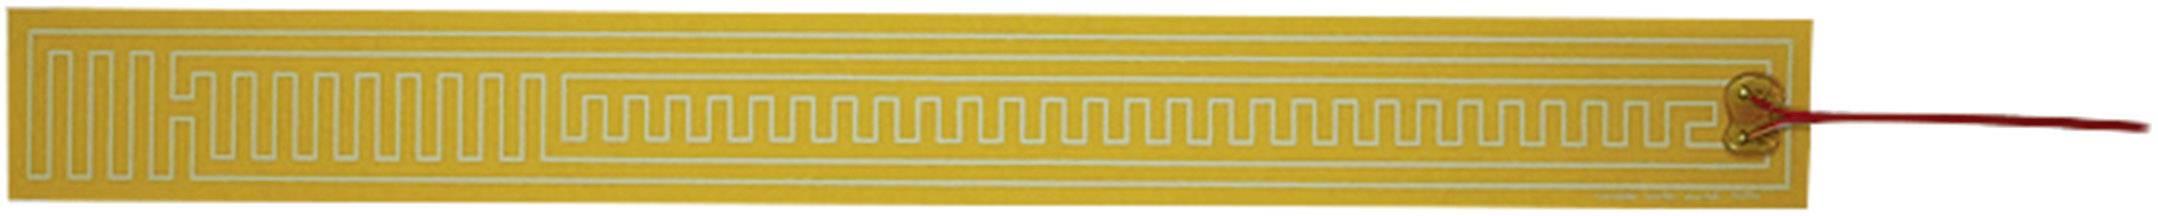 Tepelná fólia samolepiaci Thermo 2115335, 12 V/DC, 12 V/AC 17 W Spôsob ochrany IPX4, (d x š) 610 mm x 65 mm